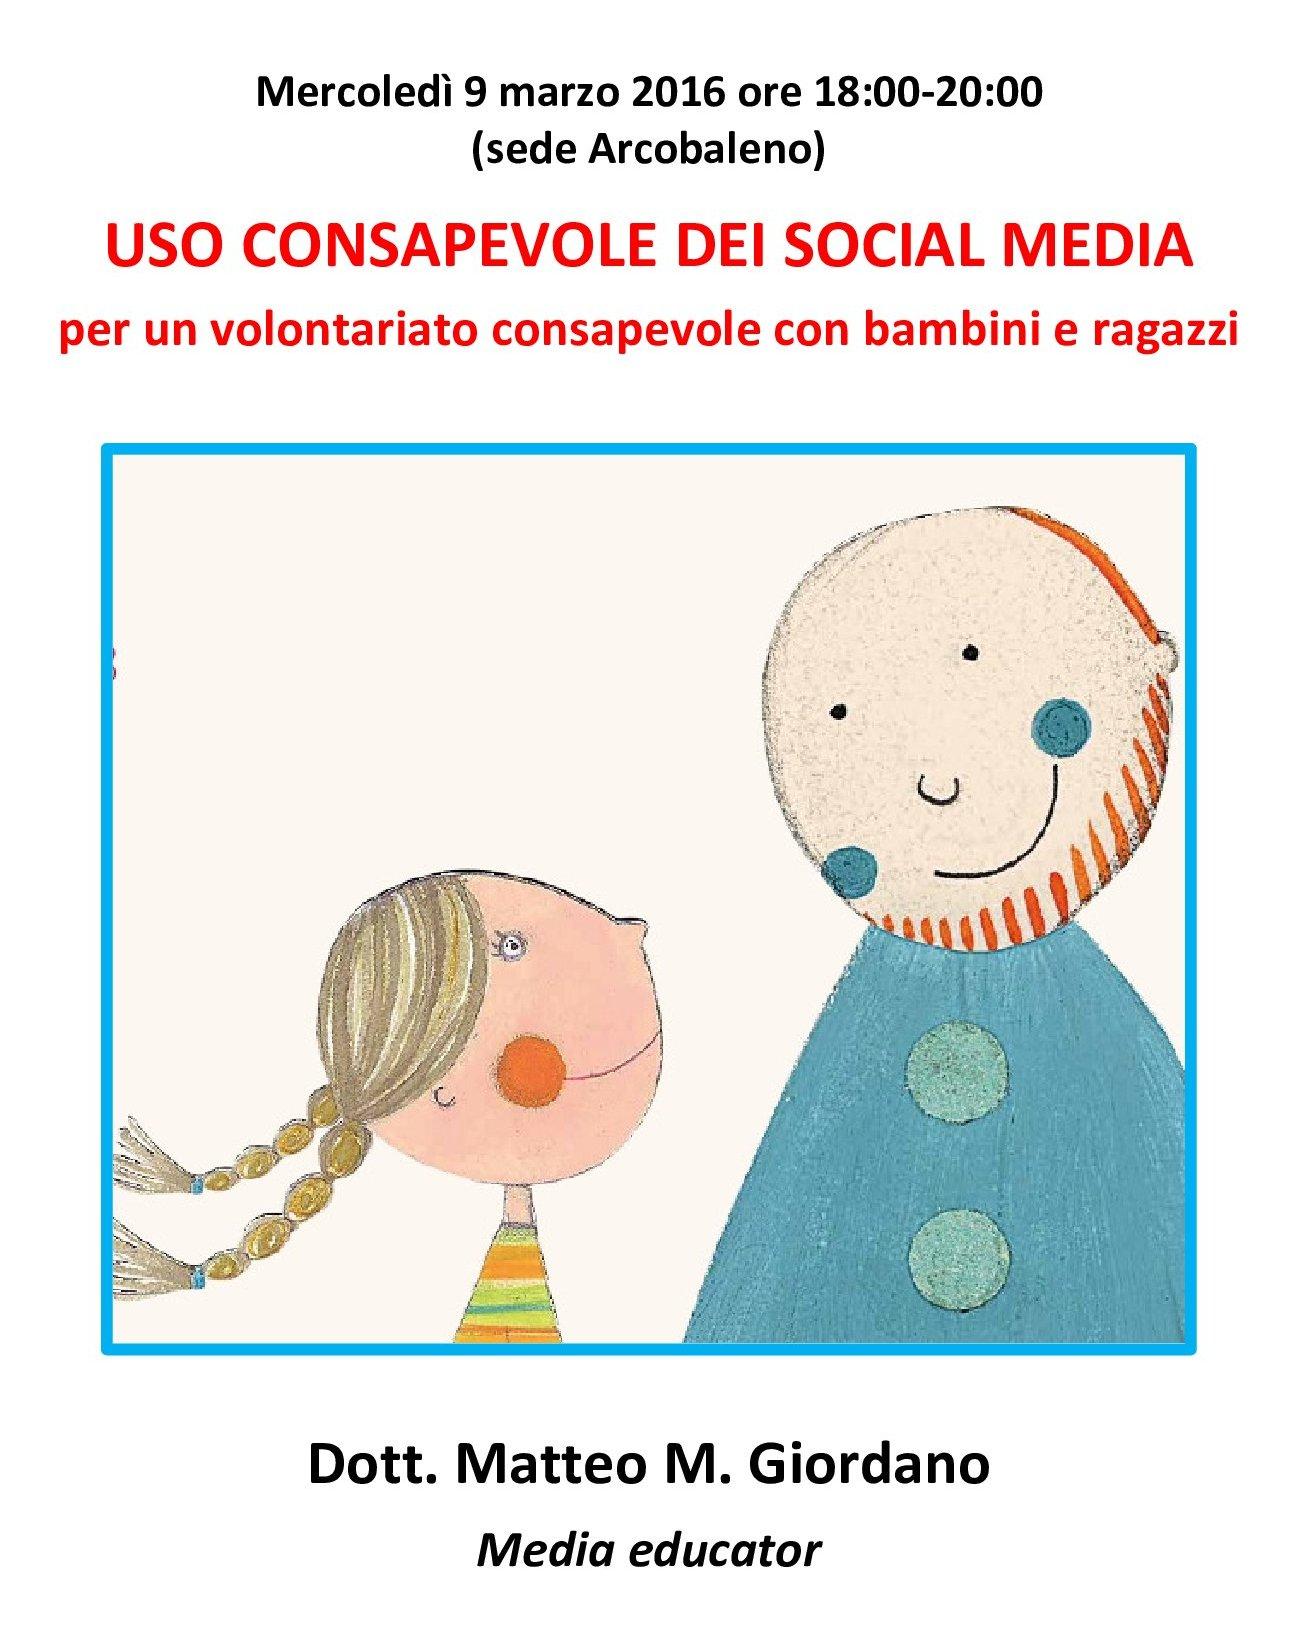 fomazione_social_media_Arcobaleno